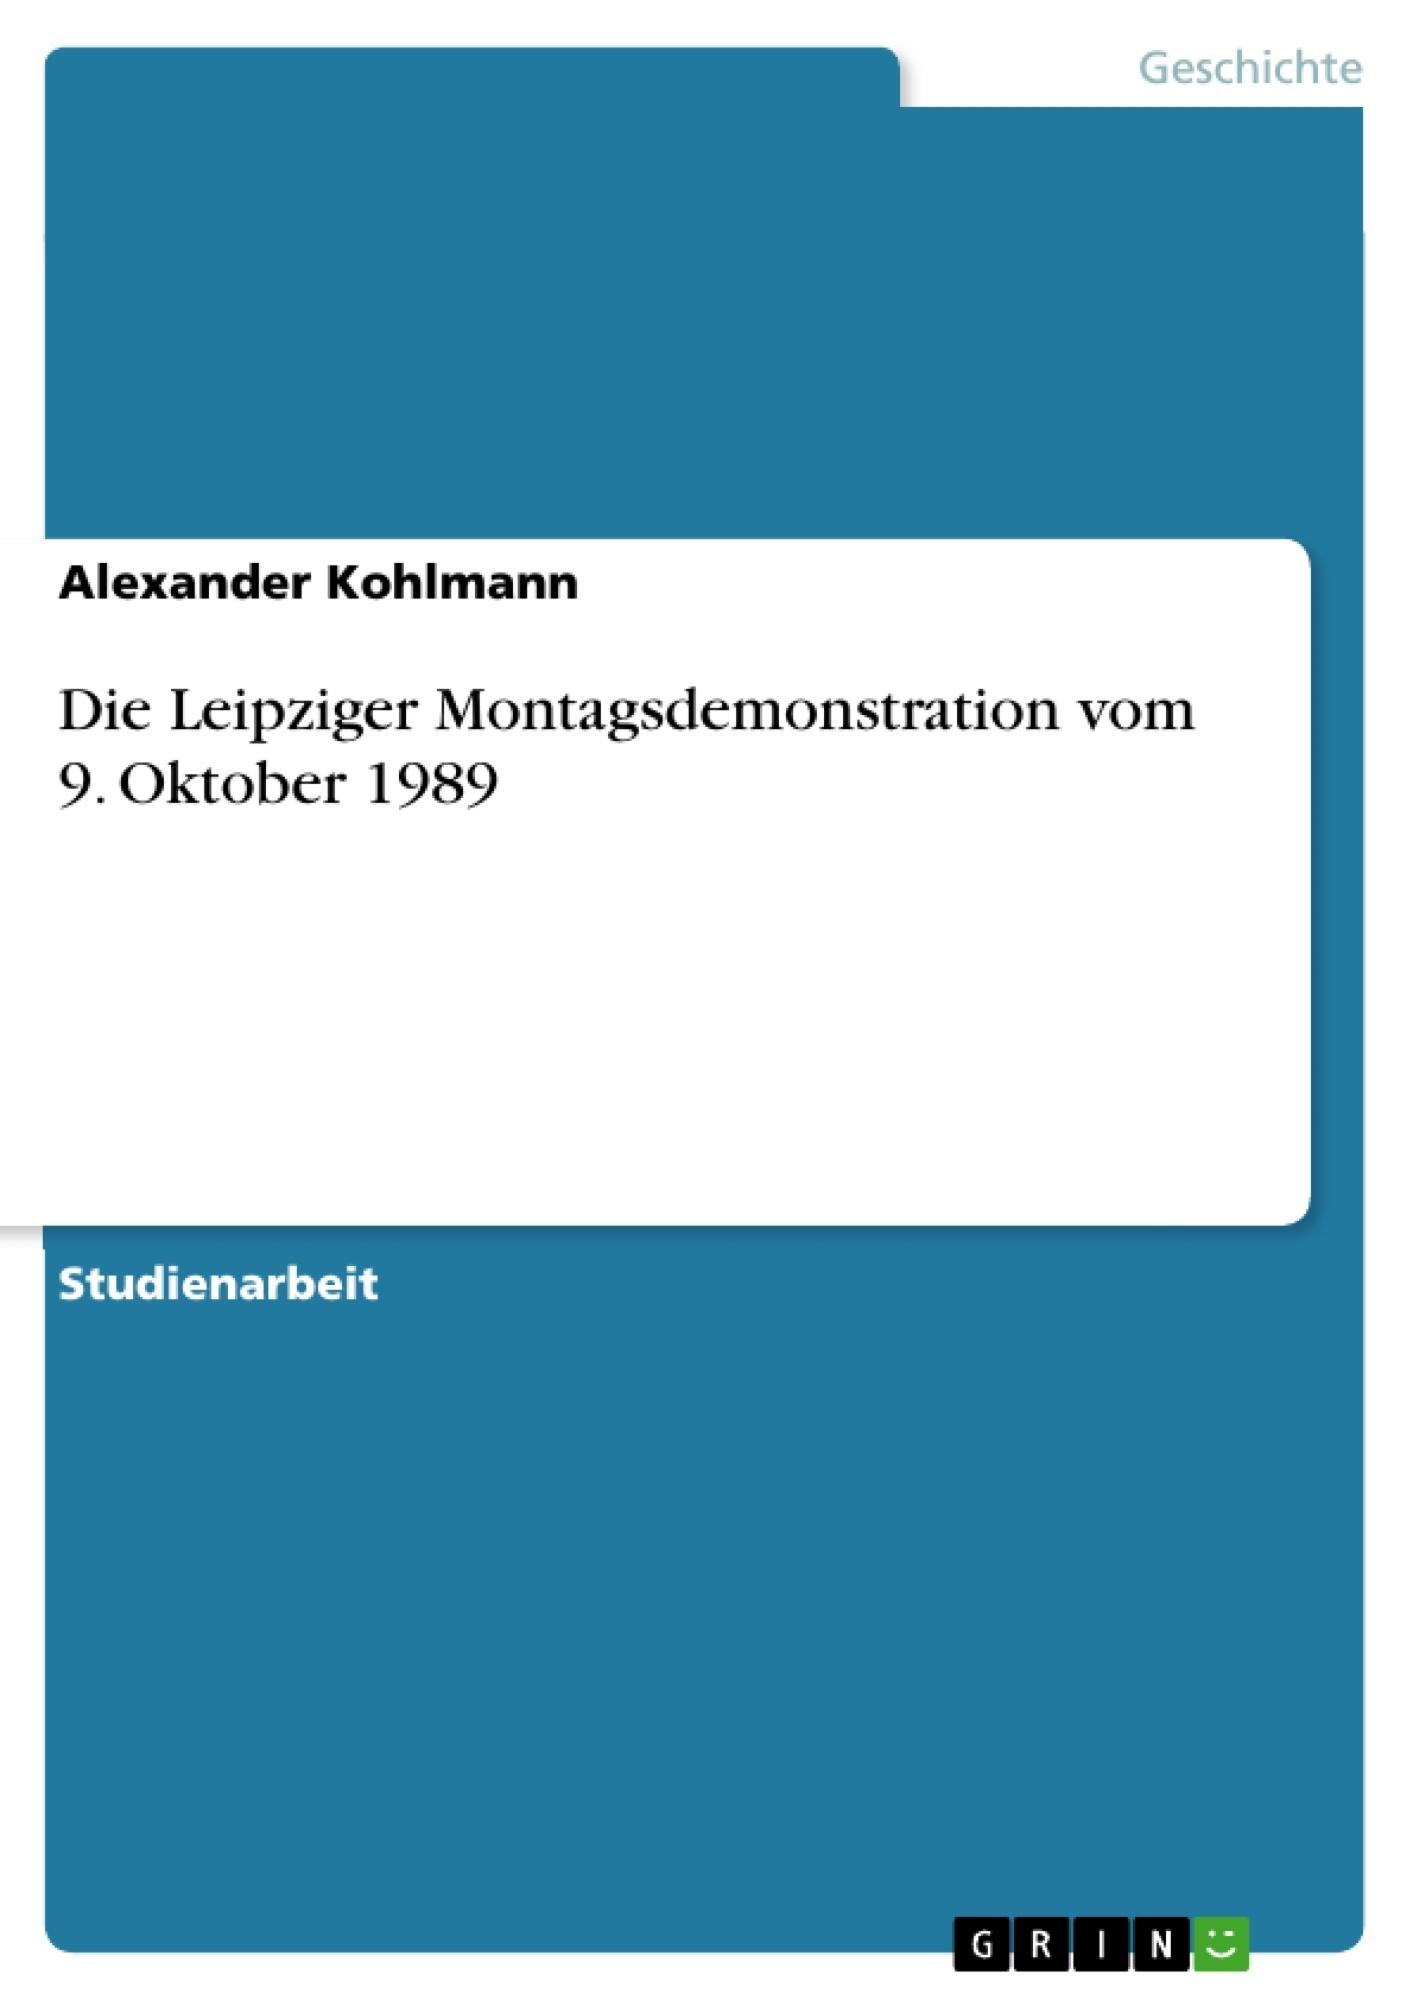 Titel: Die Leipziger Montagsdemonstration vom 9. Oktober 1989